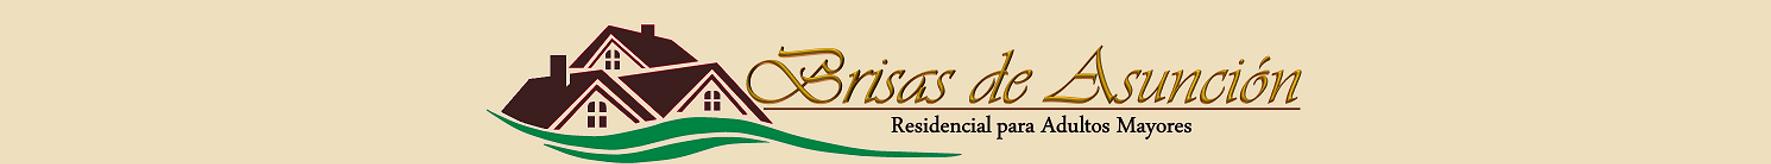 Brisas_de_ASUNCION_Residencial_de_Adulto